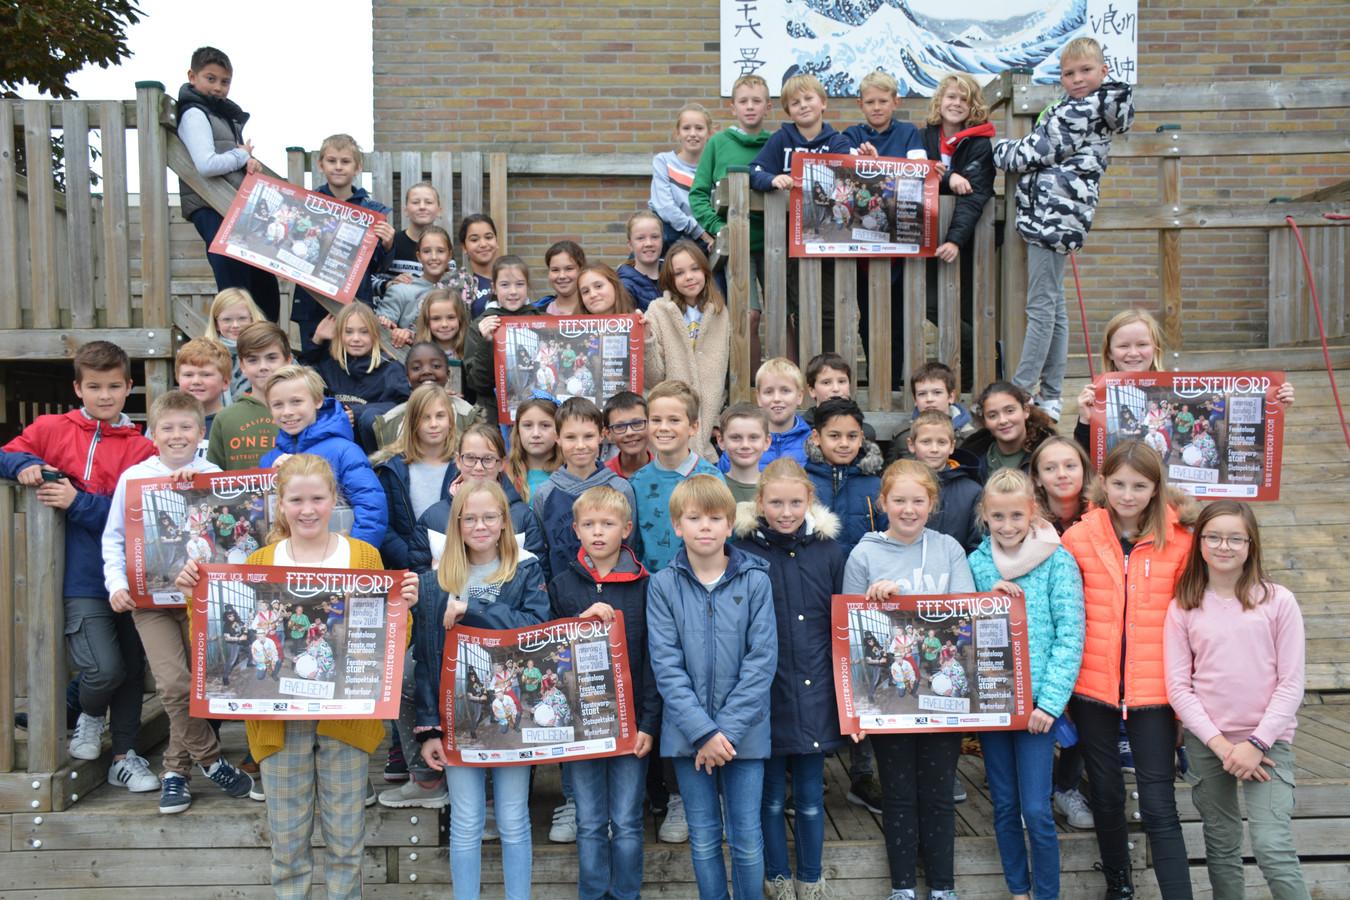 49 leerlingen van het vijfde en zesde leerjaar zullen op een heuse 'showtrein' te zien zijn in de stoet.